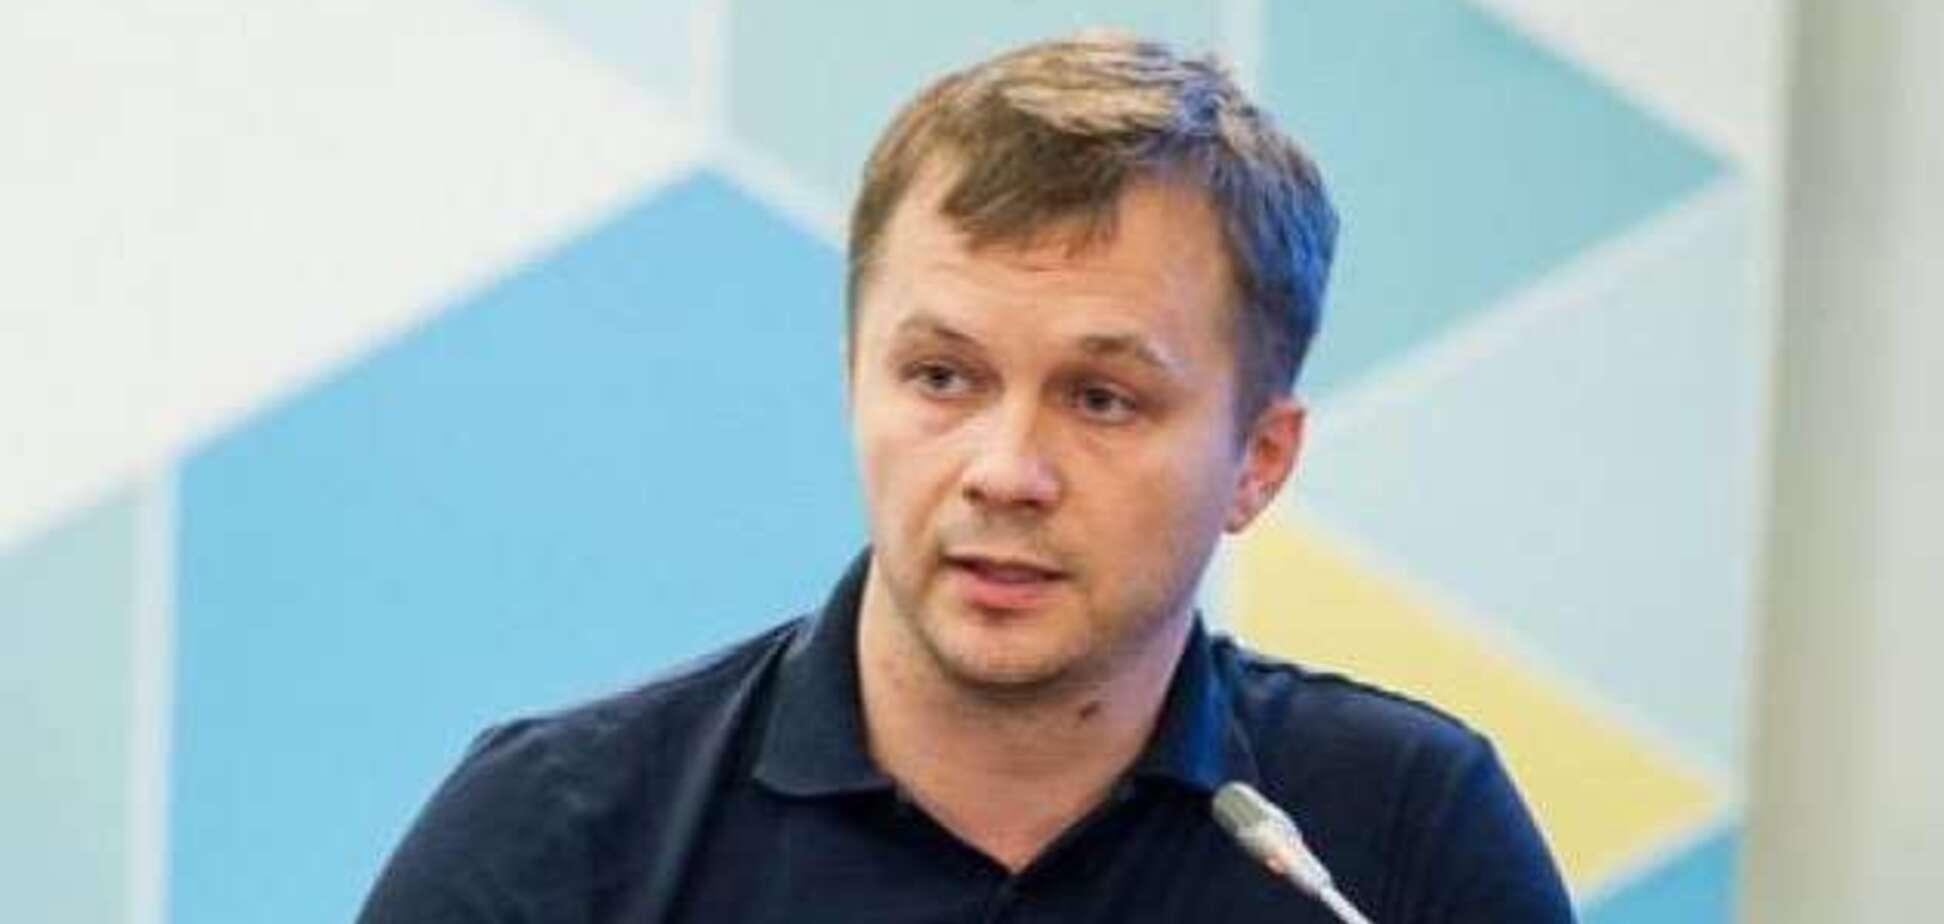 Министр Милованов продвигает новую коррупционную схему: как зарабатывают на земле